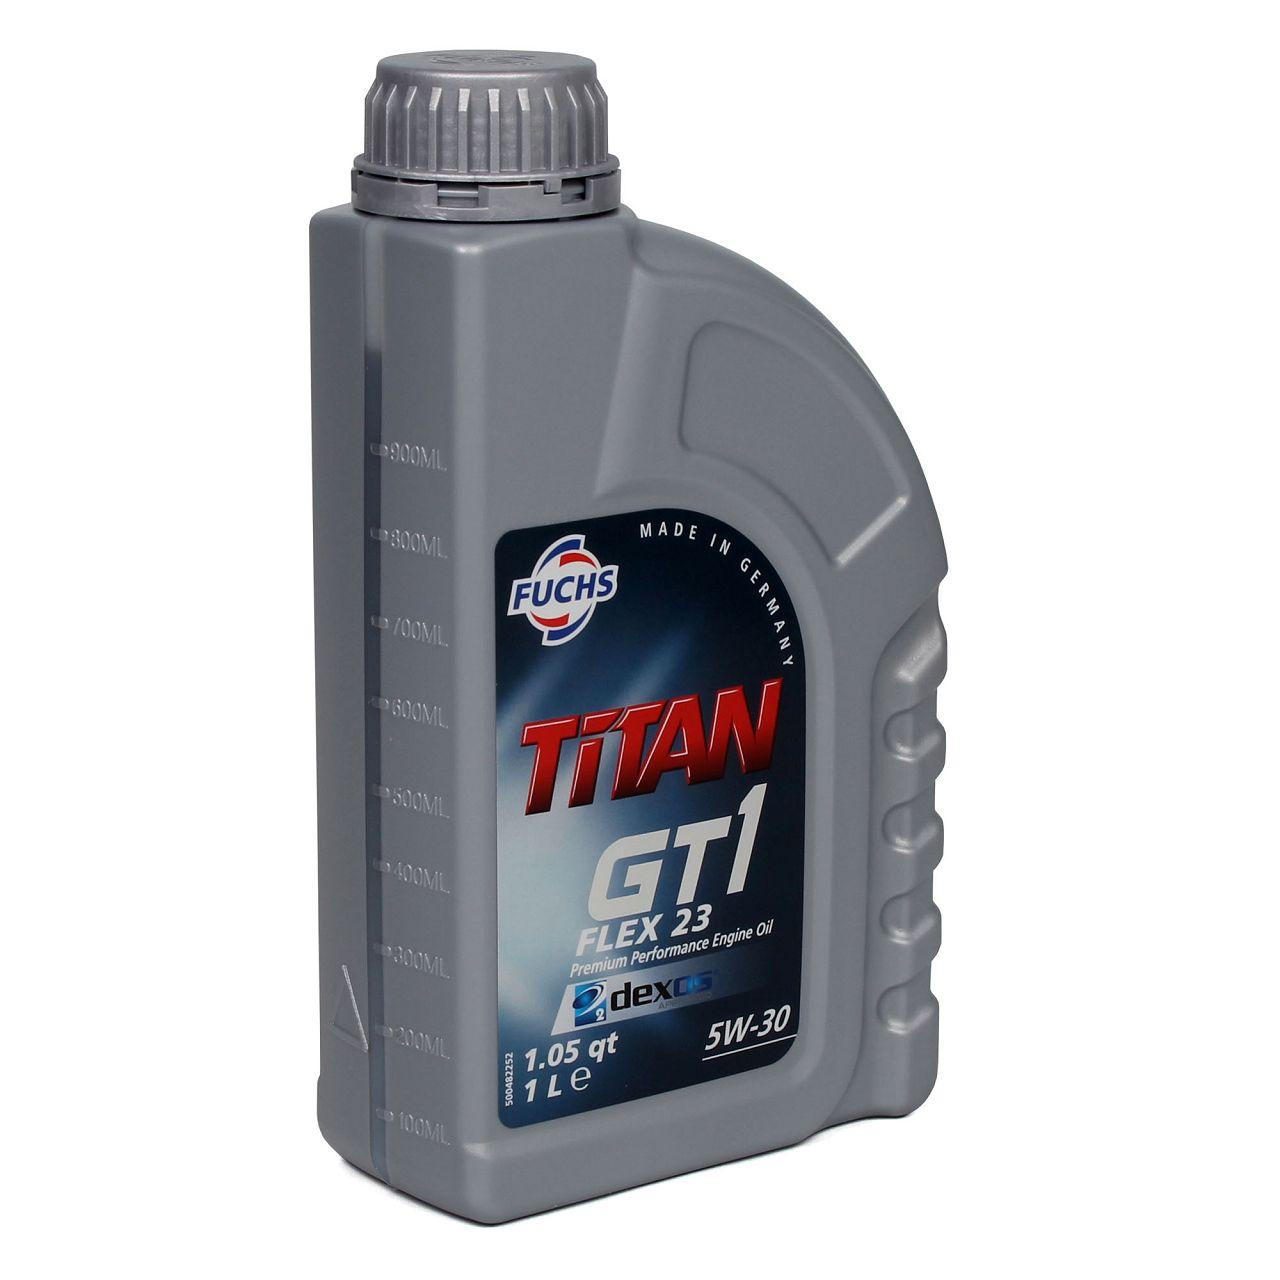 FUCHS Motoröl TITAN GT1 Flex 23 5W30 5W-30 dexos2 LL-04 505.00/505.01 6L 6 Liter